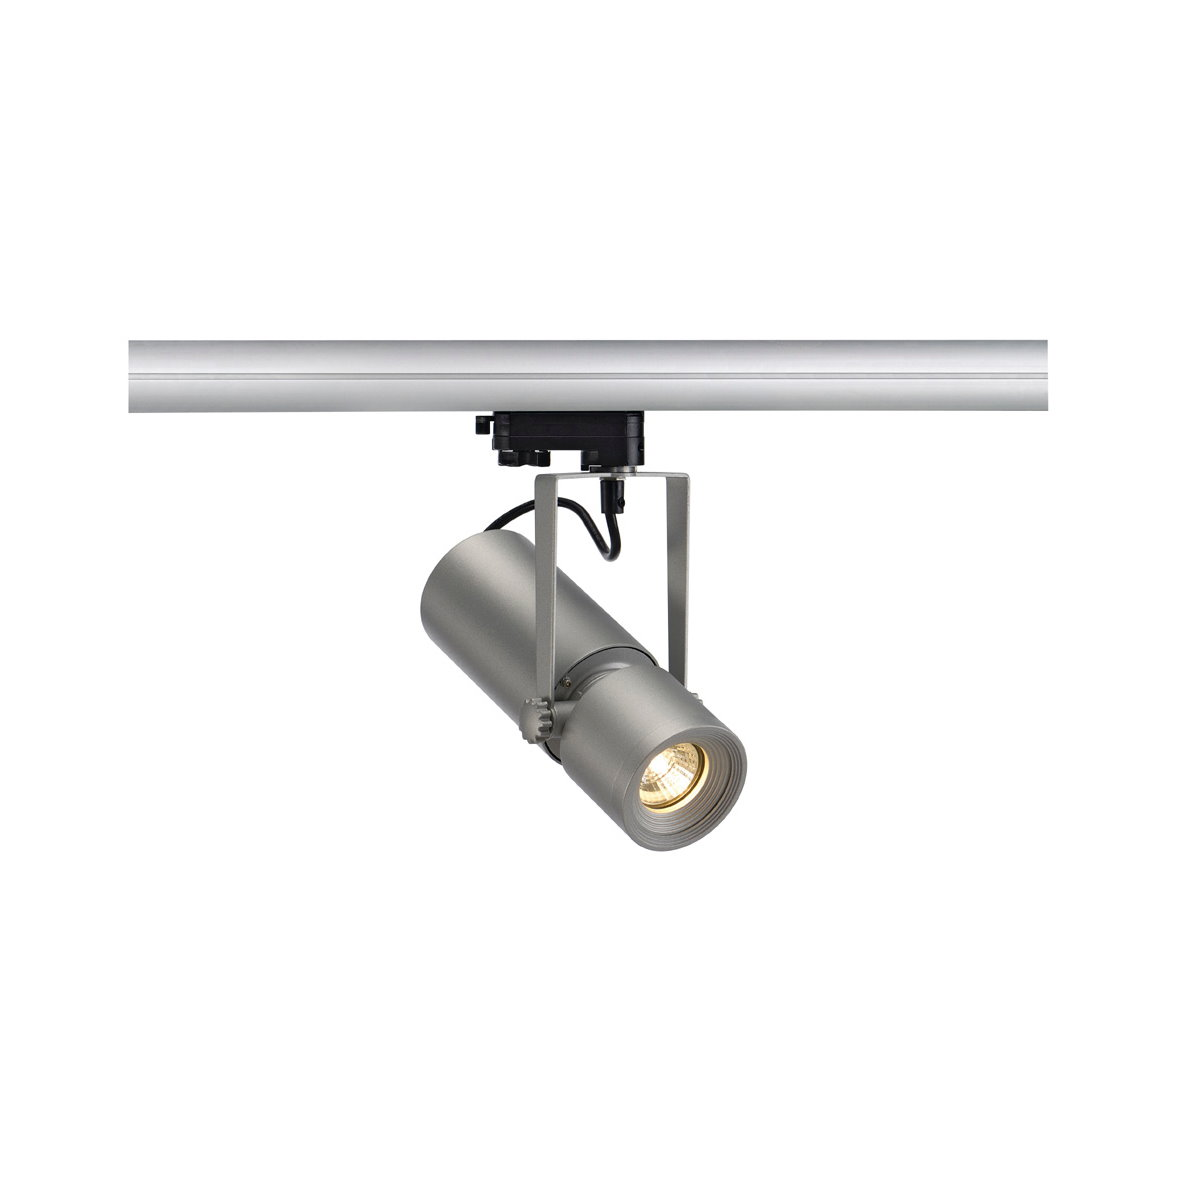 slv 3 phases spot projecteur incl adaptateur clairage lectricit rail rail 3p 230 v ebay. Black Bedroom Furniture Sets. Home Design Ideas